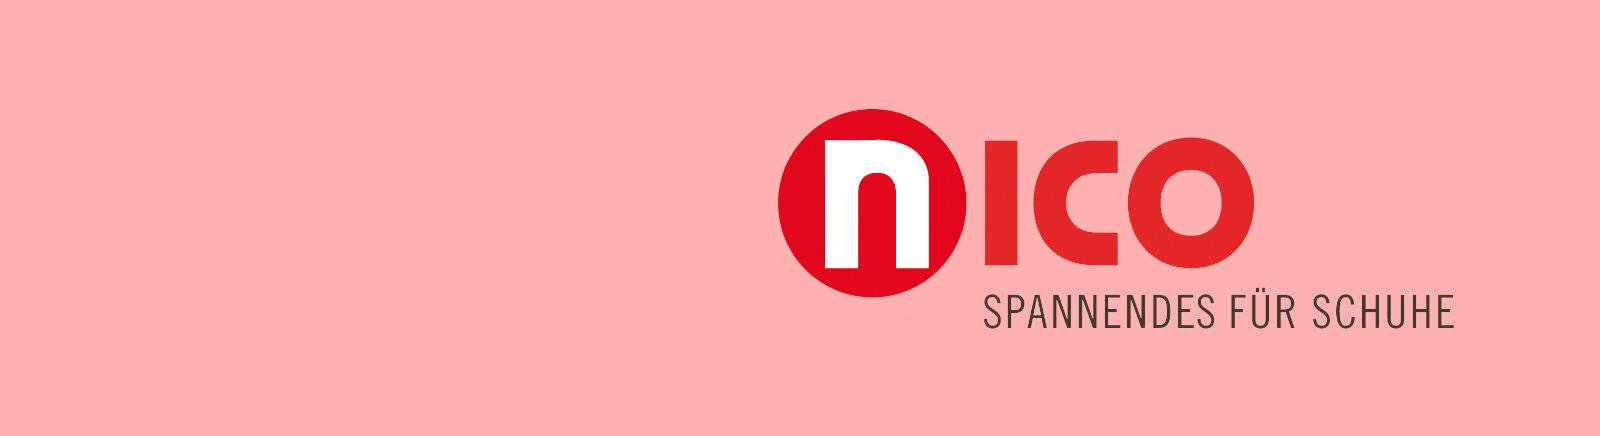 Nico Zubehör für Erwachsene im Online-Shop von GISY kaufen